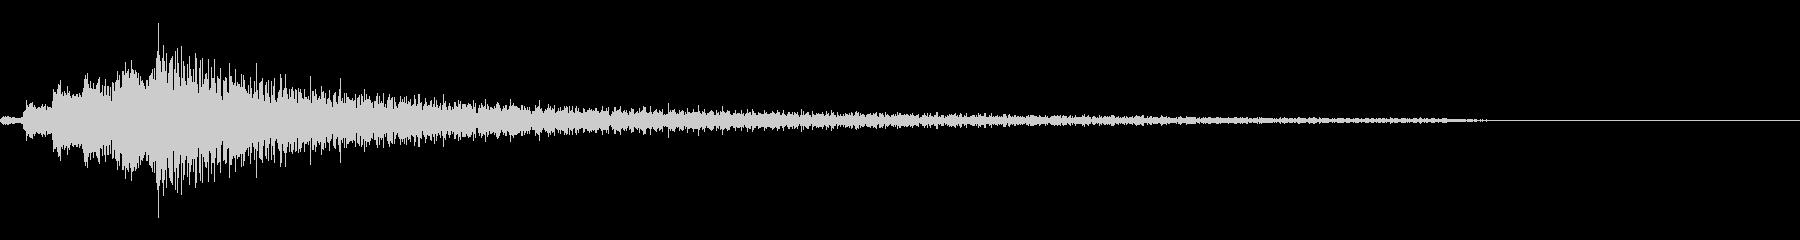 和風な琴のジングル 3の未再生の波形